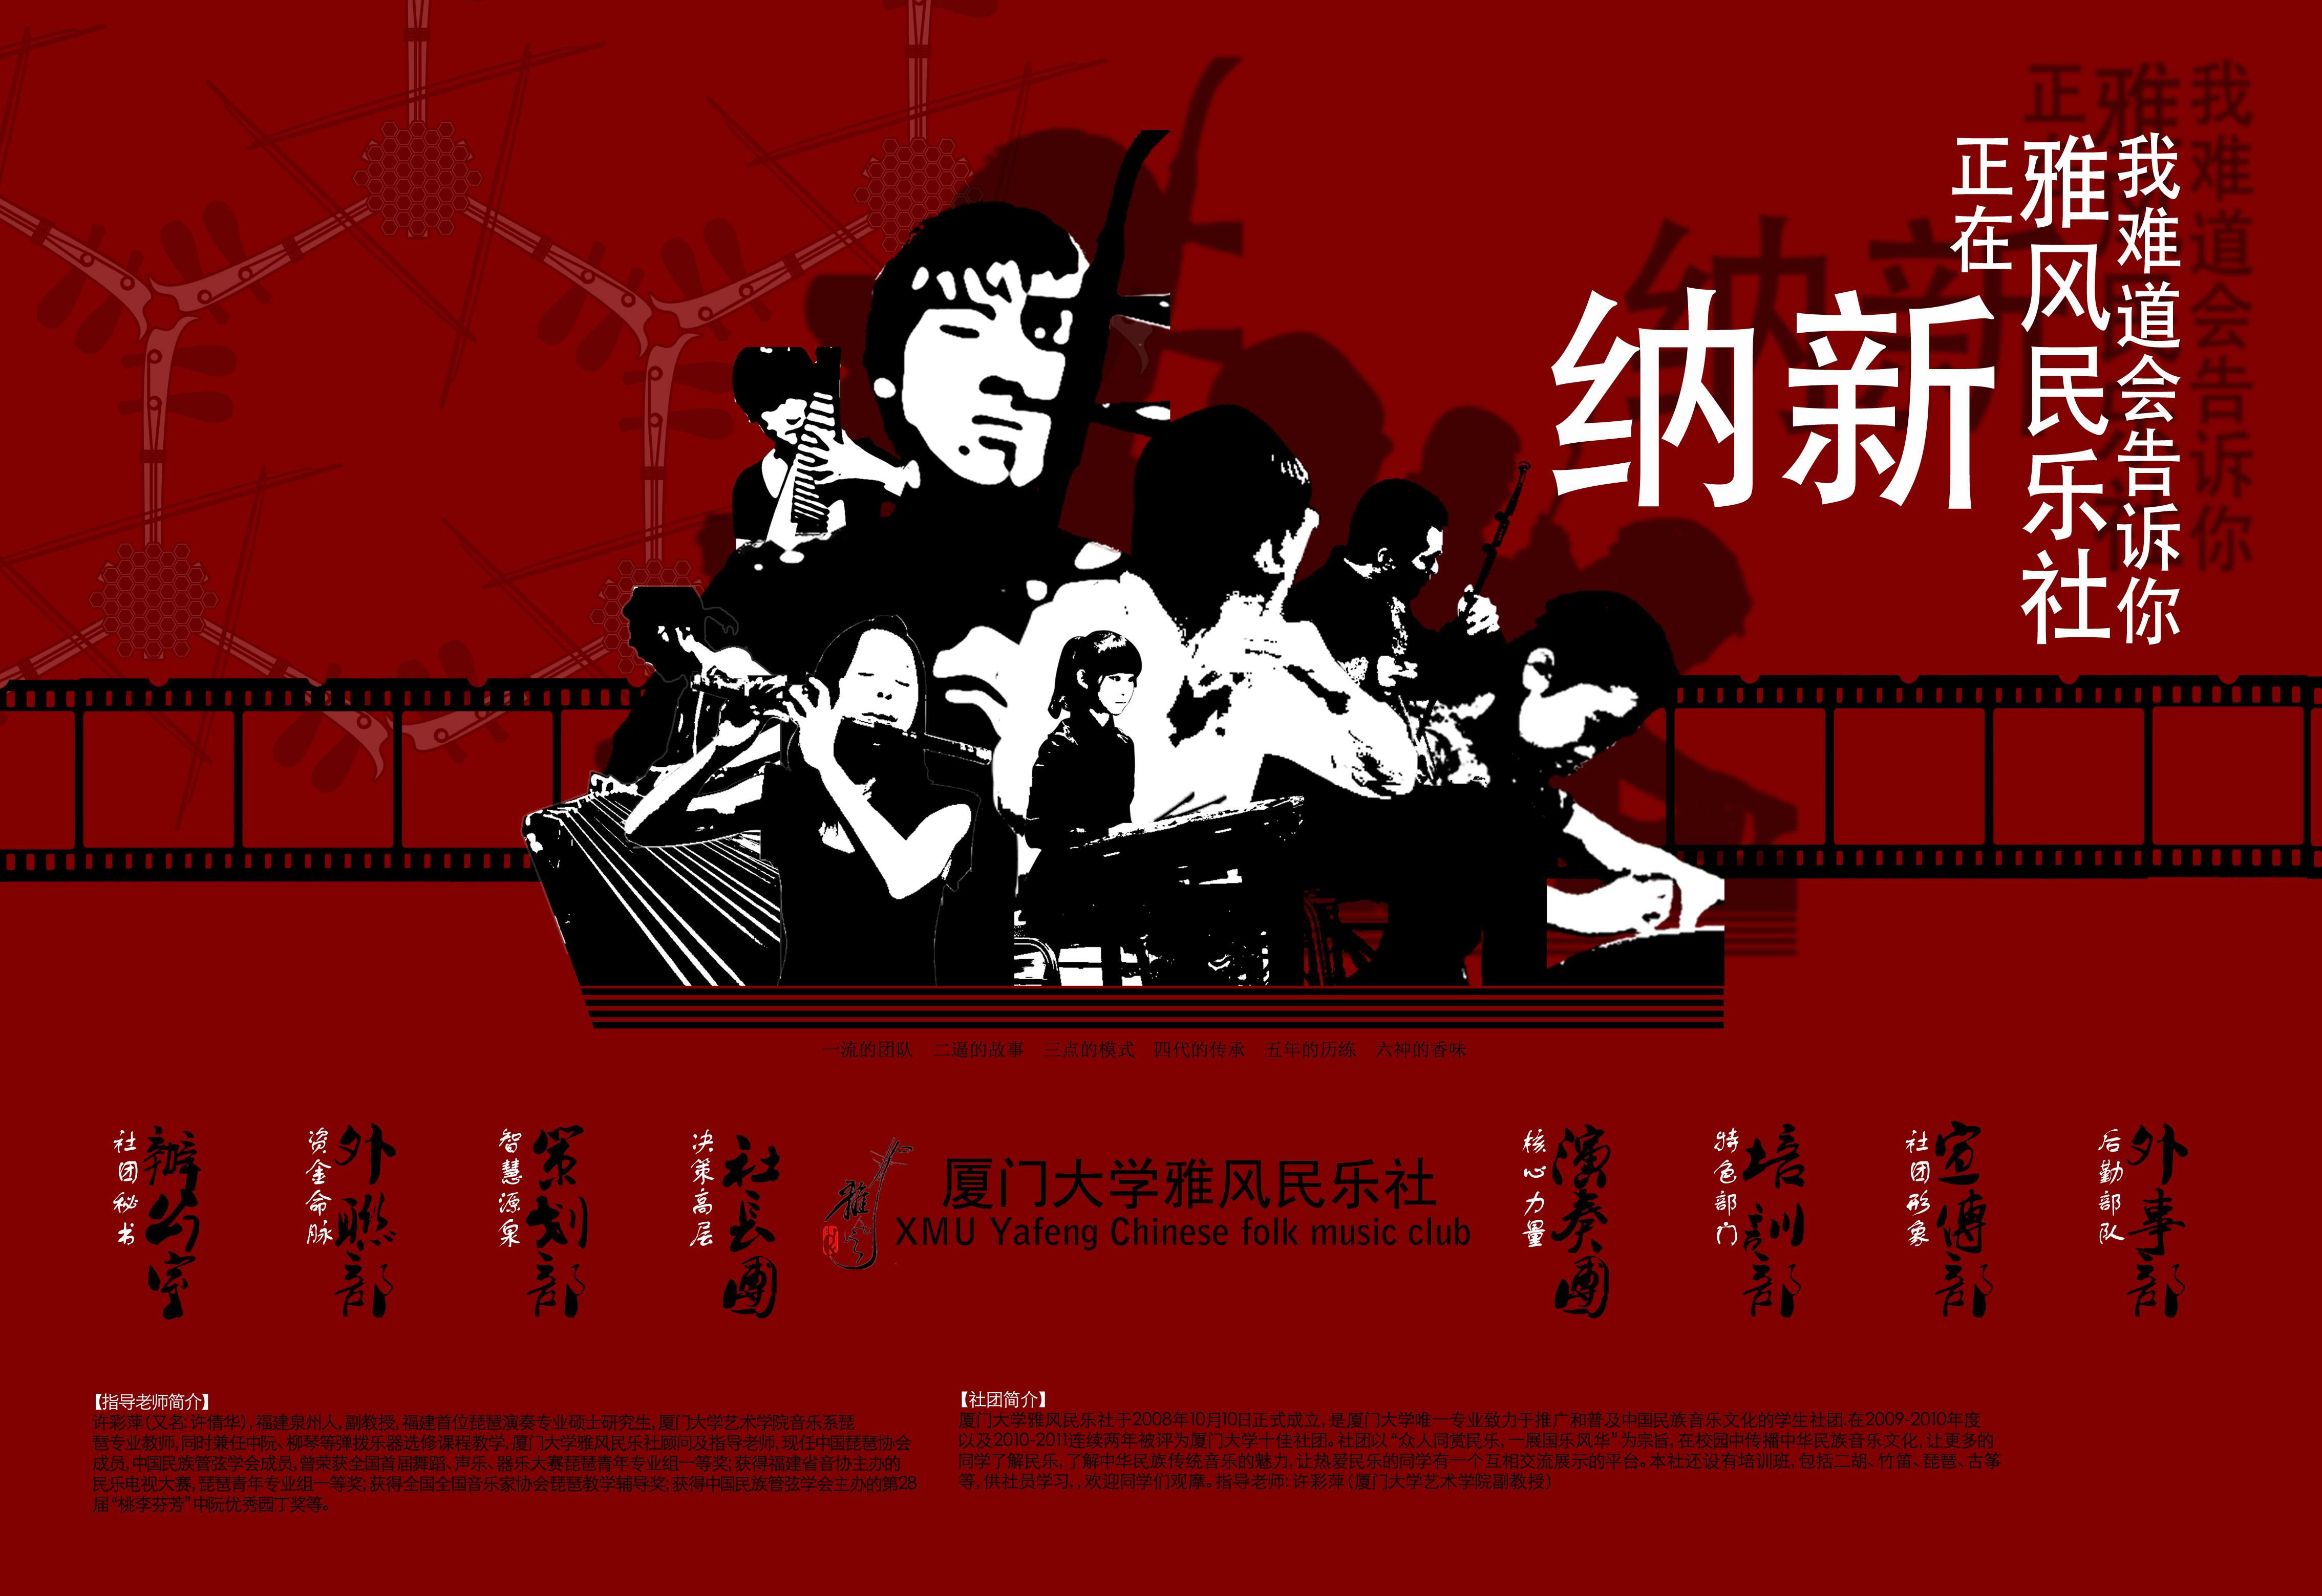 【厦门大学雅风民乐社】2012